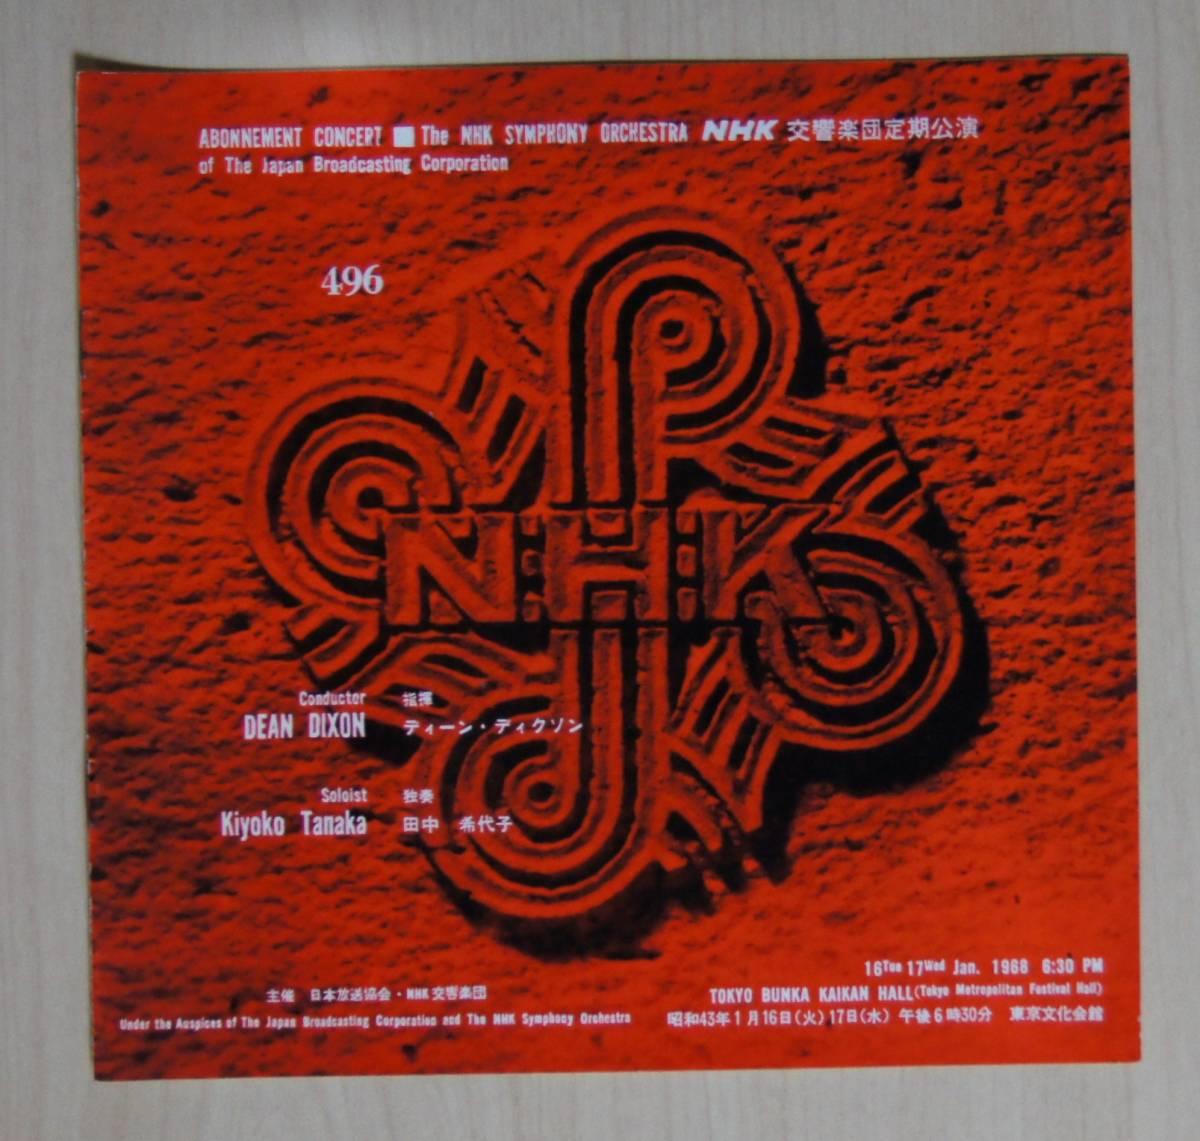 ディーン・ディクソン/田中希代子/NHK交響楽団【1968年】第496回・定期演奏会プログラム